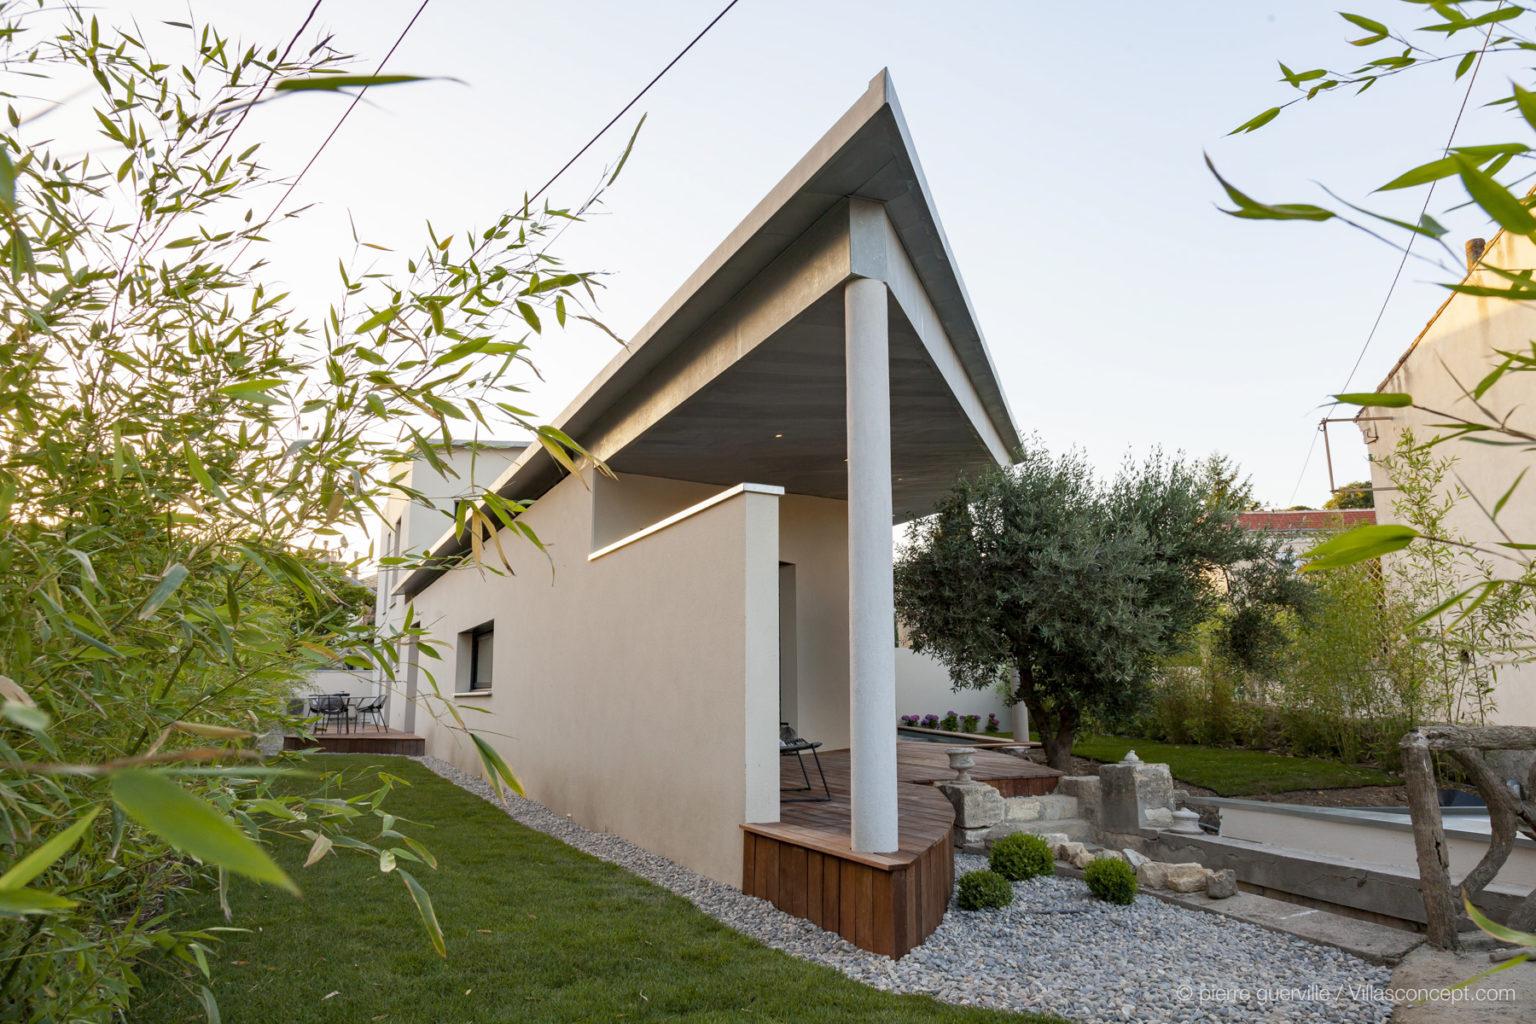 Villa-contemporaine-Nostra-Salon-de-provence-8785